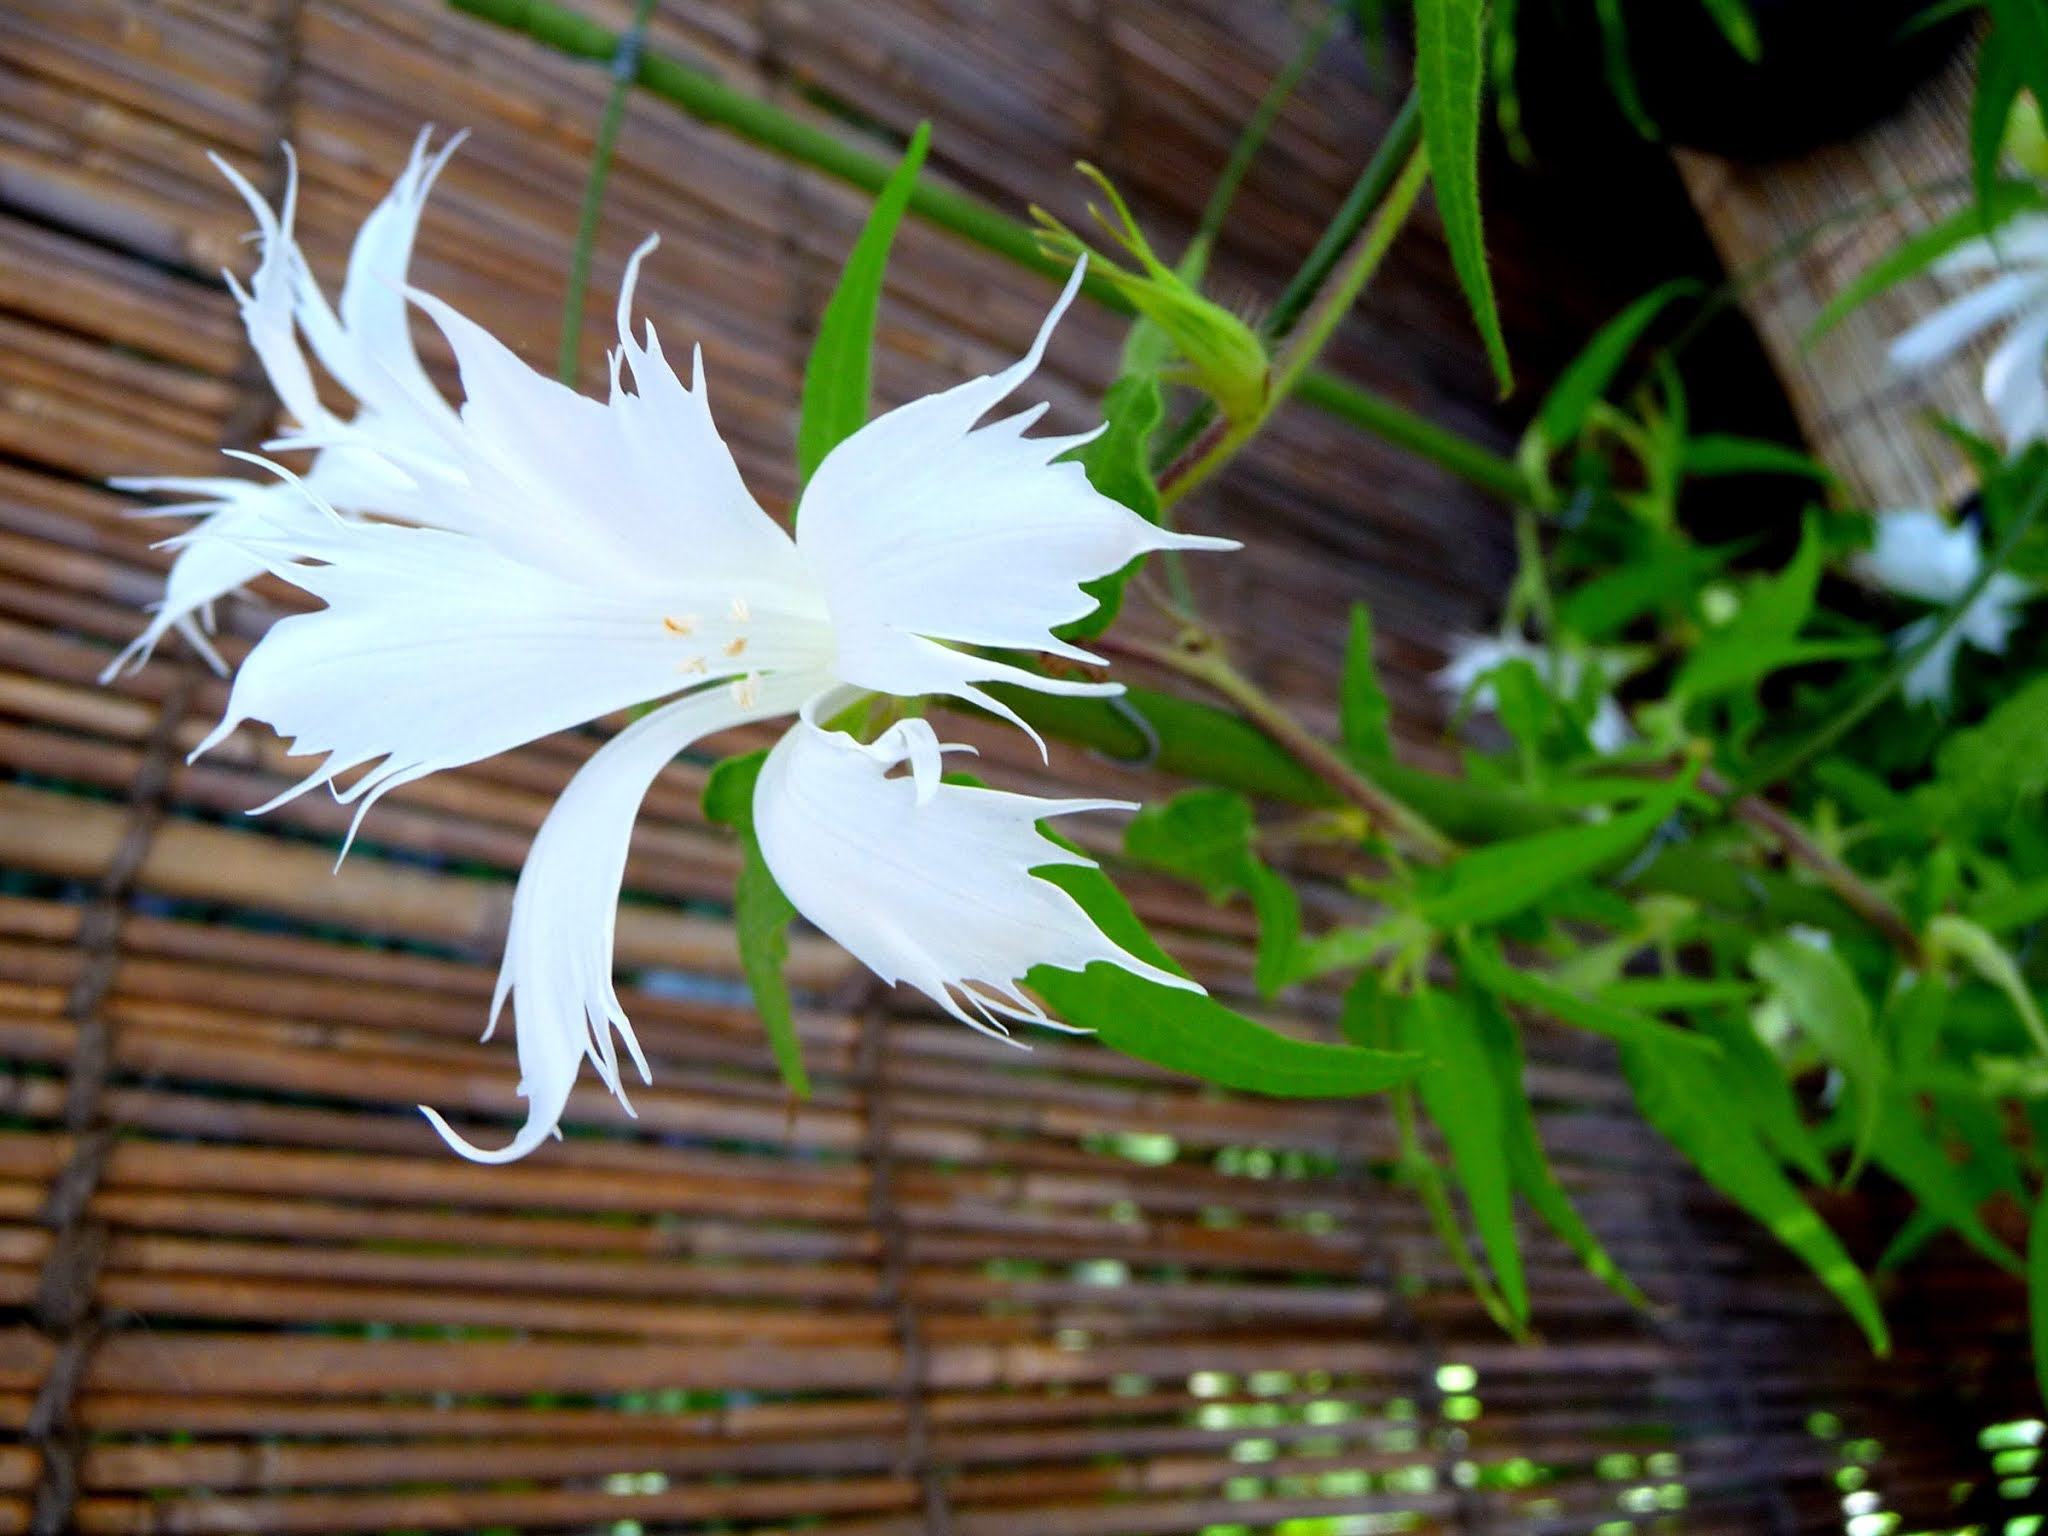 朝顔、アサガオ、あさがお、花、夏,Morning glory, flower, summer